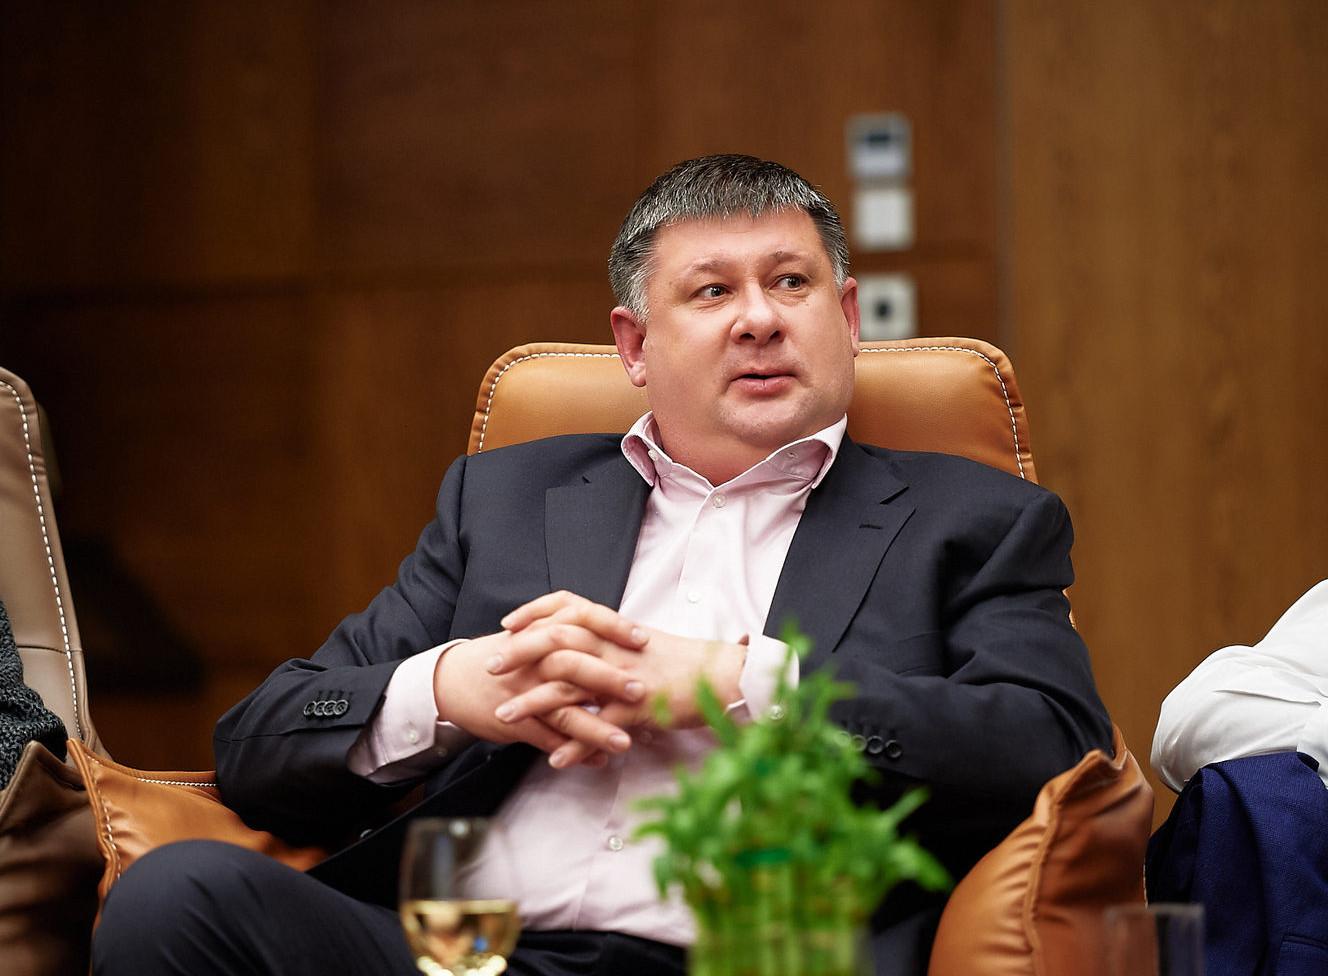 ПЕНА ДНЕЙ: Евгений Шевченко из Carlsberg Ukraine о том, чем украинцы похожи на скандинавов и почему микроменеджмент — это ад